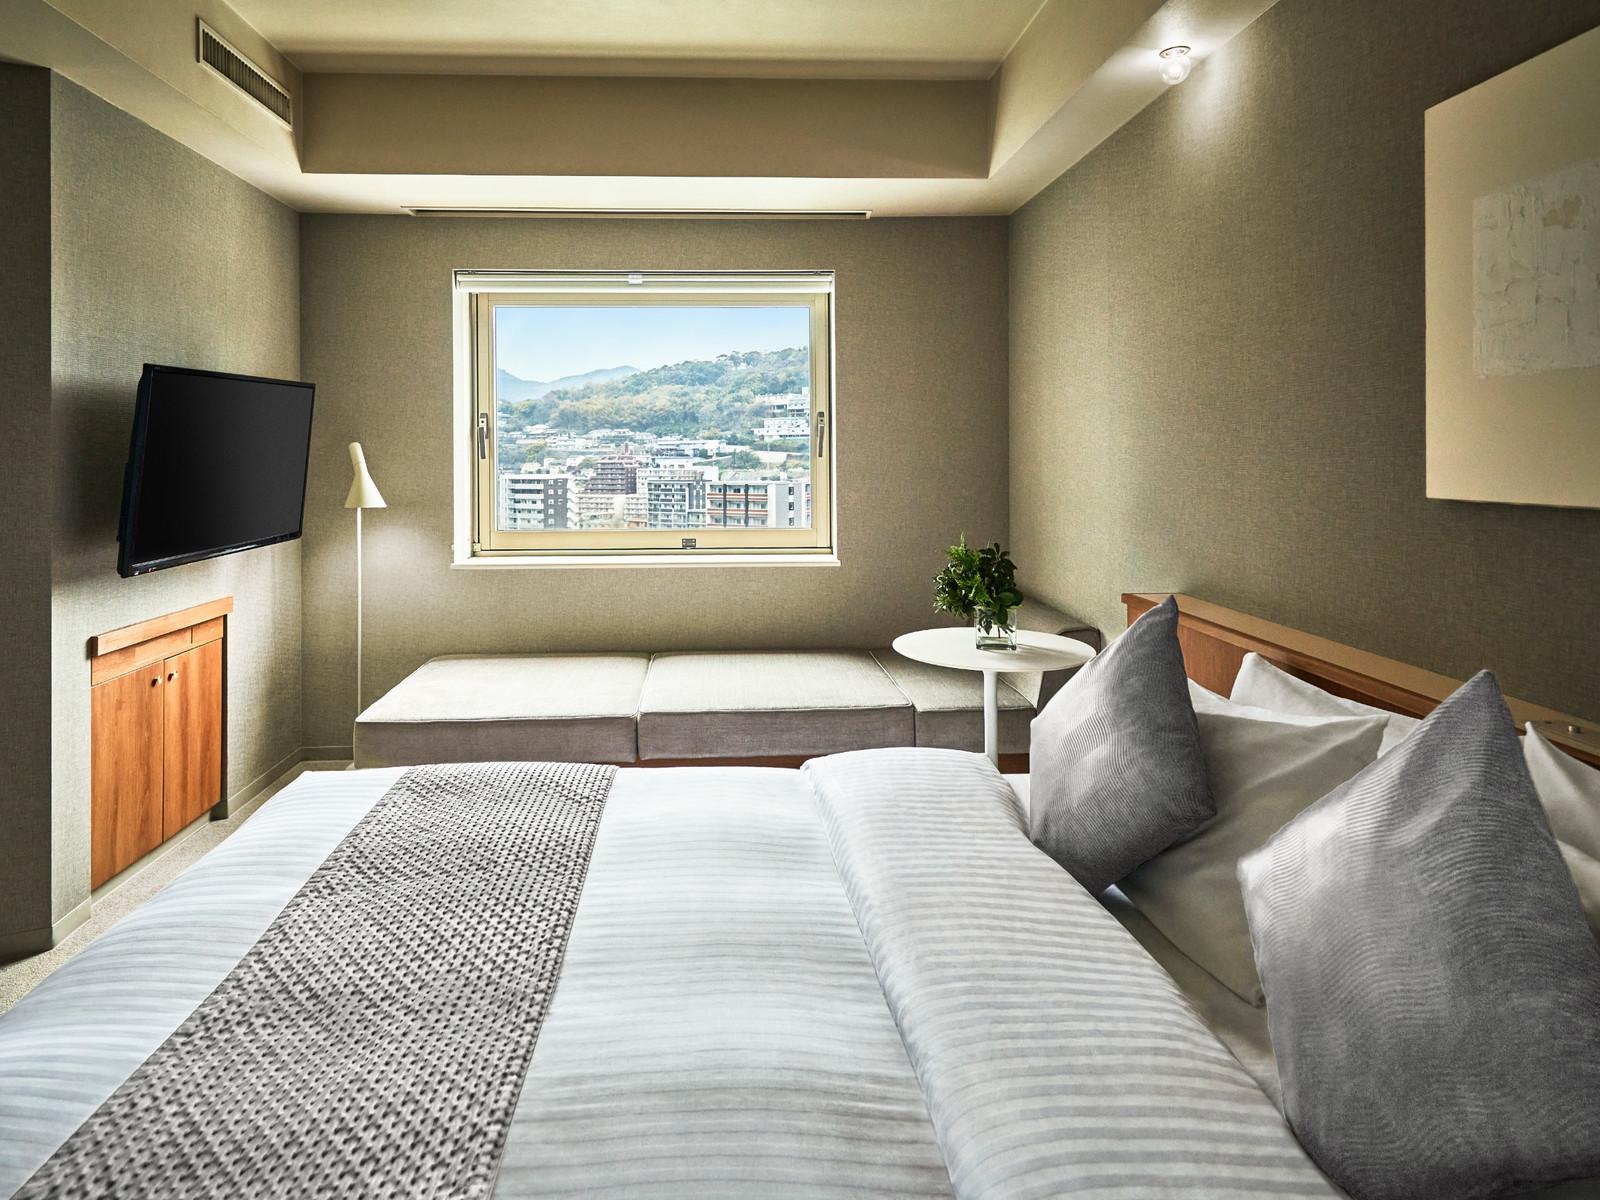 ザ ニューホテル熊本 / 【朝食付】2020年4月リニューアル!リラックスコンフォートフロアに泊まろう♪プラン